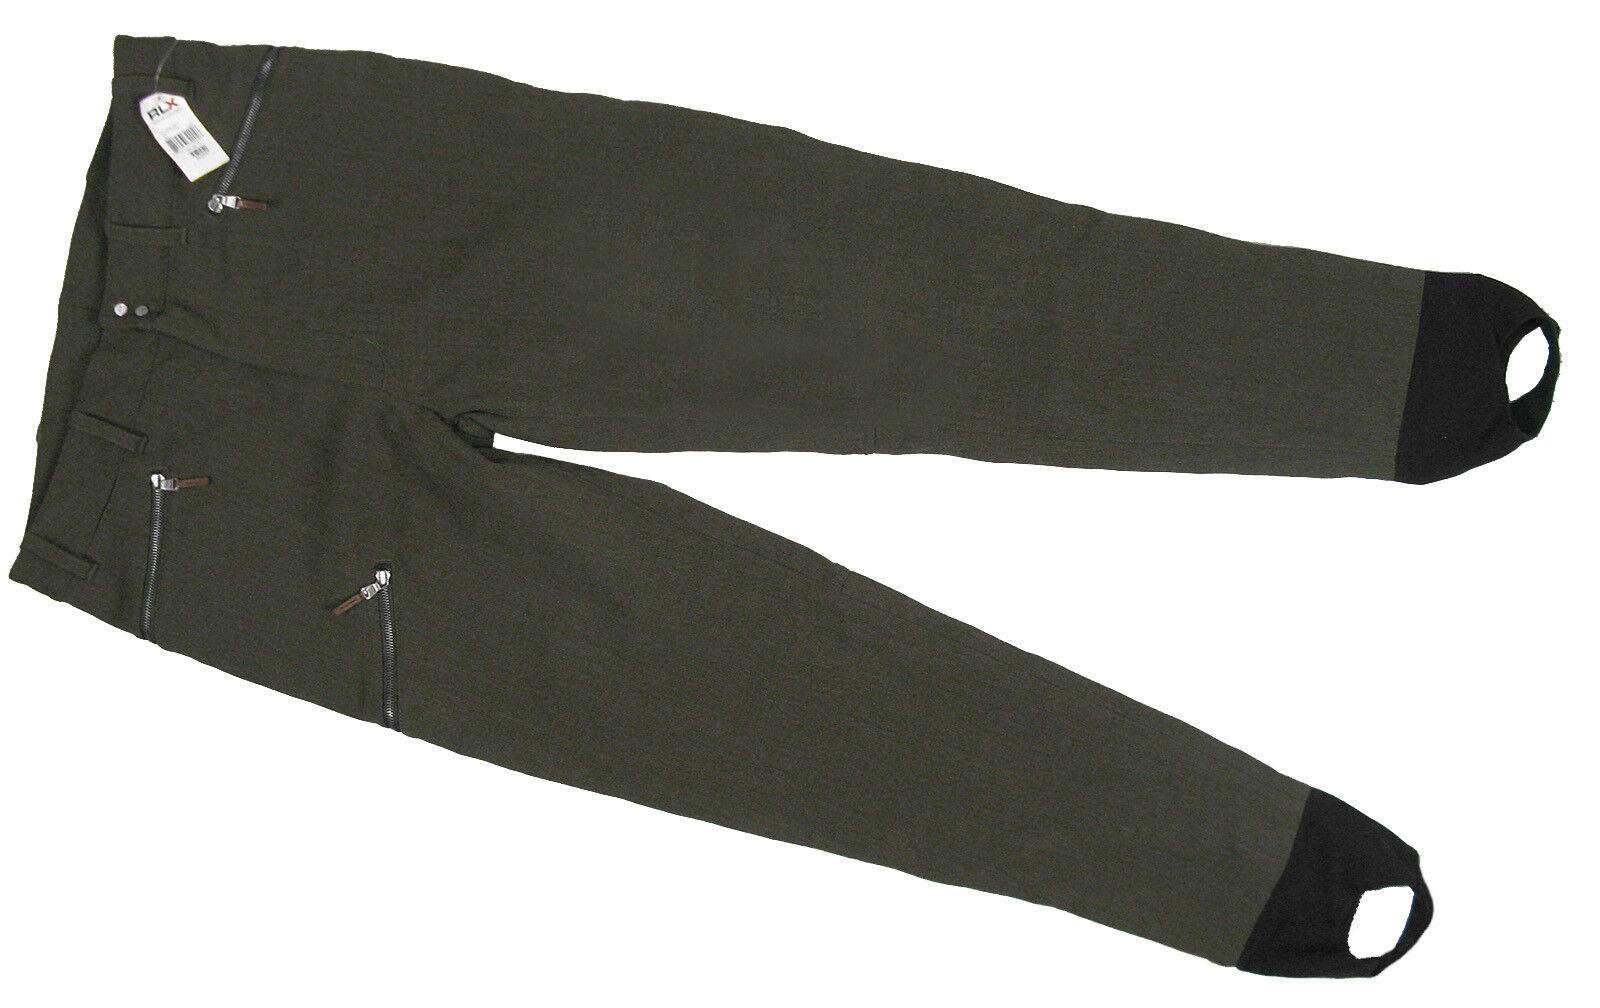 NEU Ralph Lauren RLX Ski & Snowboard Hose XL Sturrups Vintage Style Loden Wolle